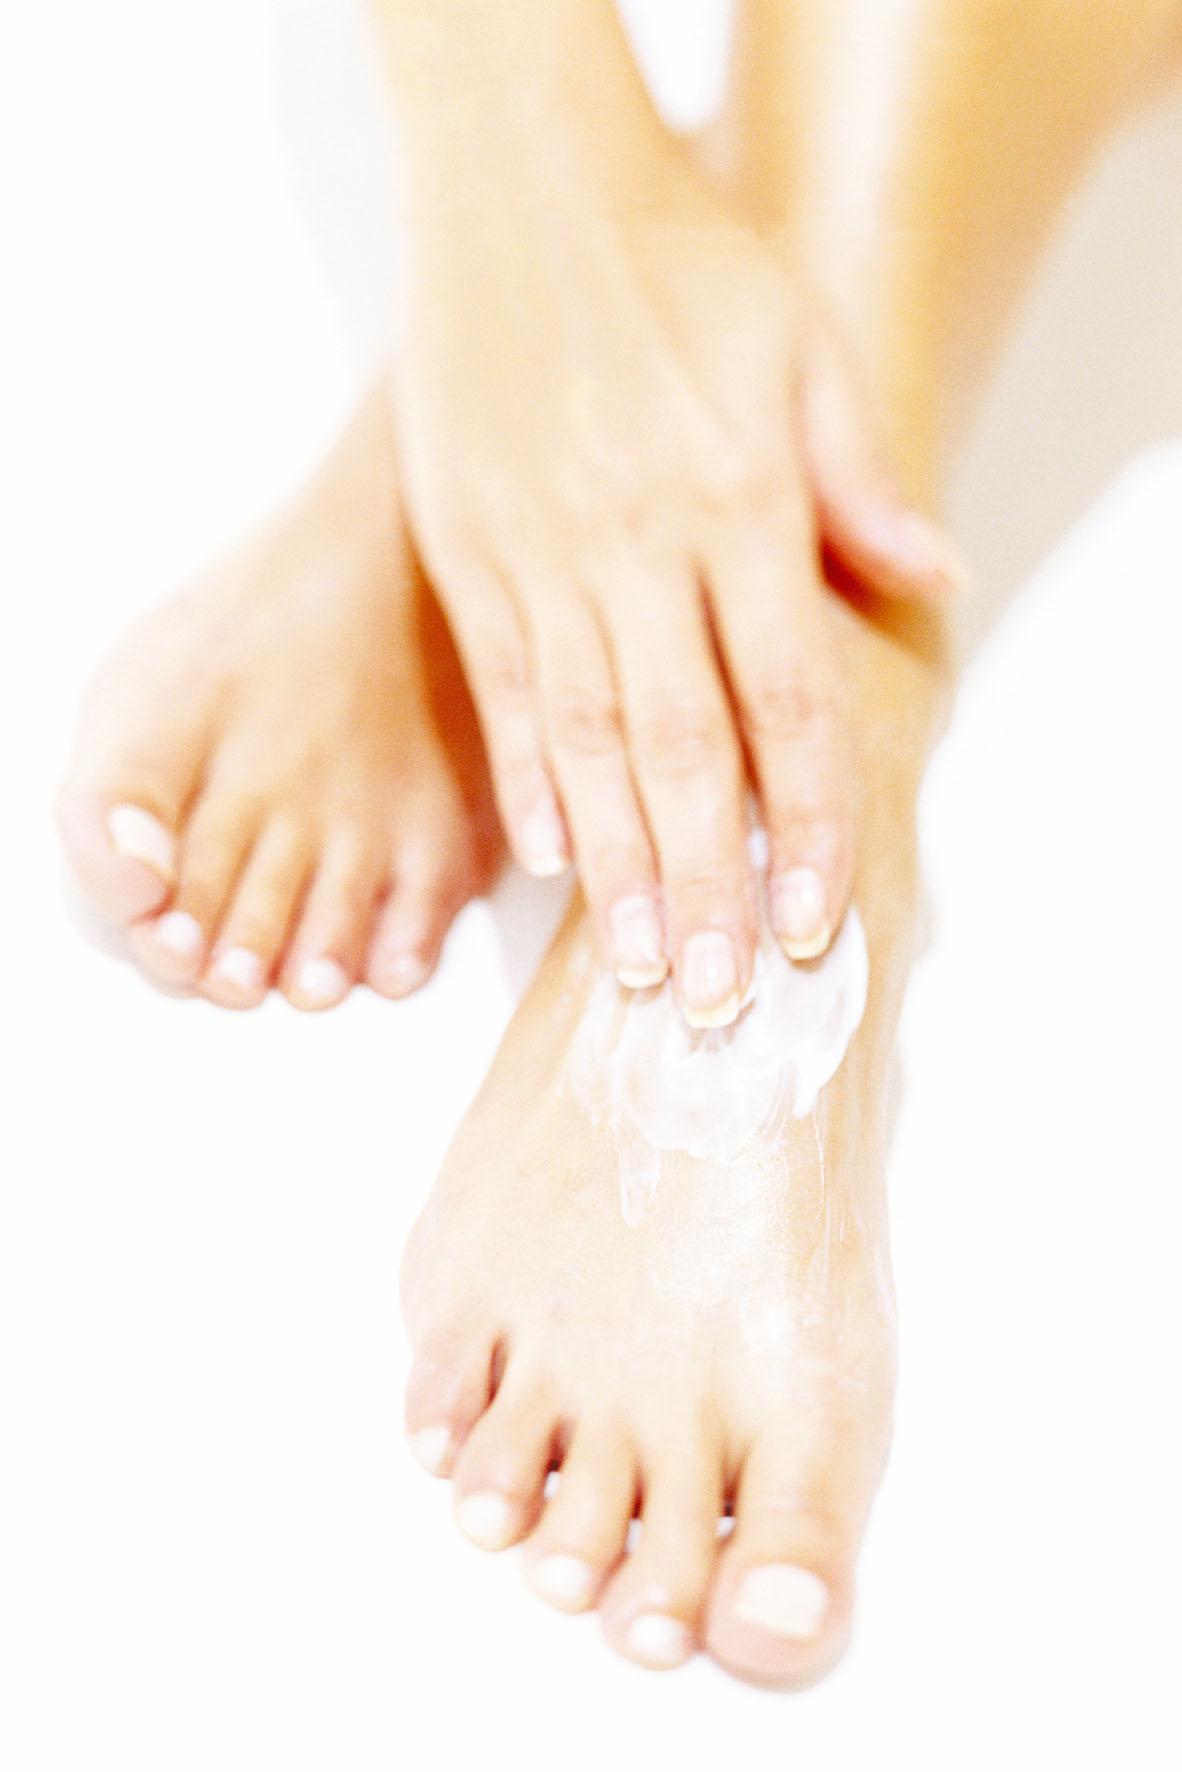 Hände und Füße freuen sich über eine gehaltvolle Pflege.